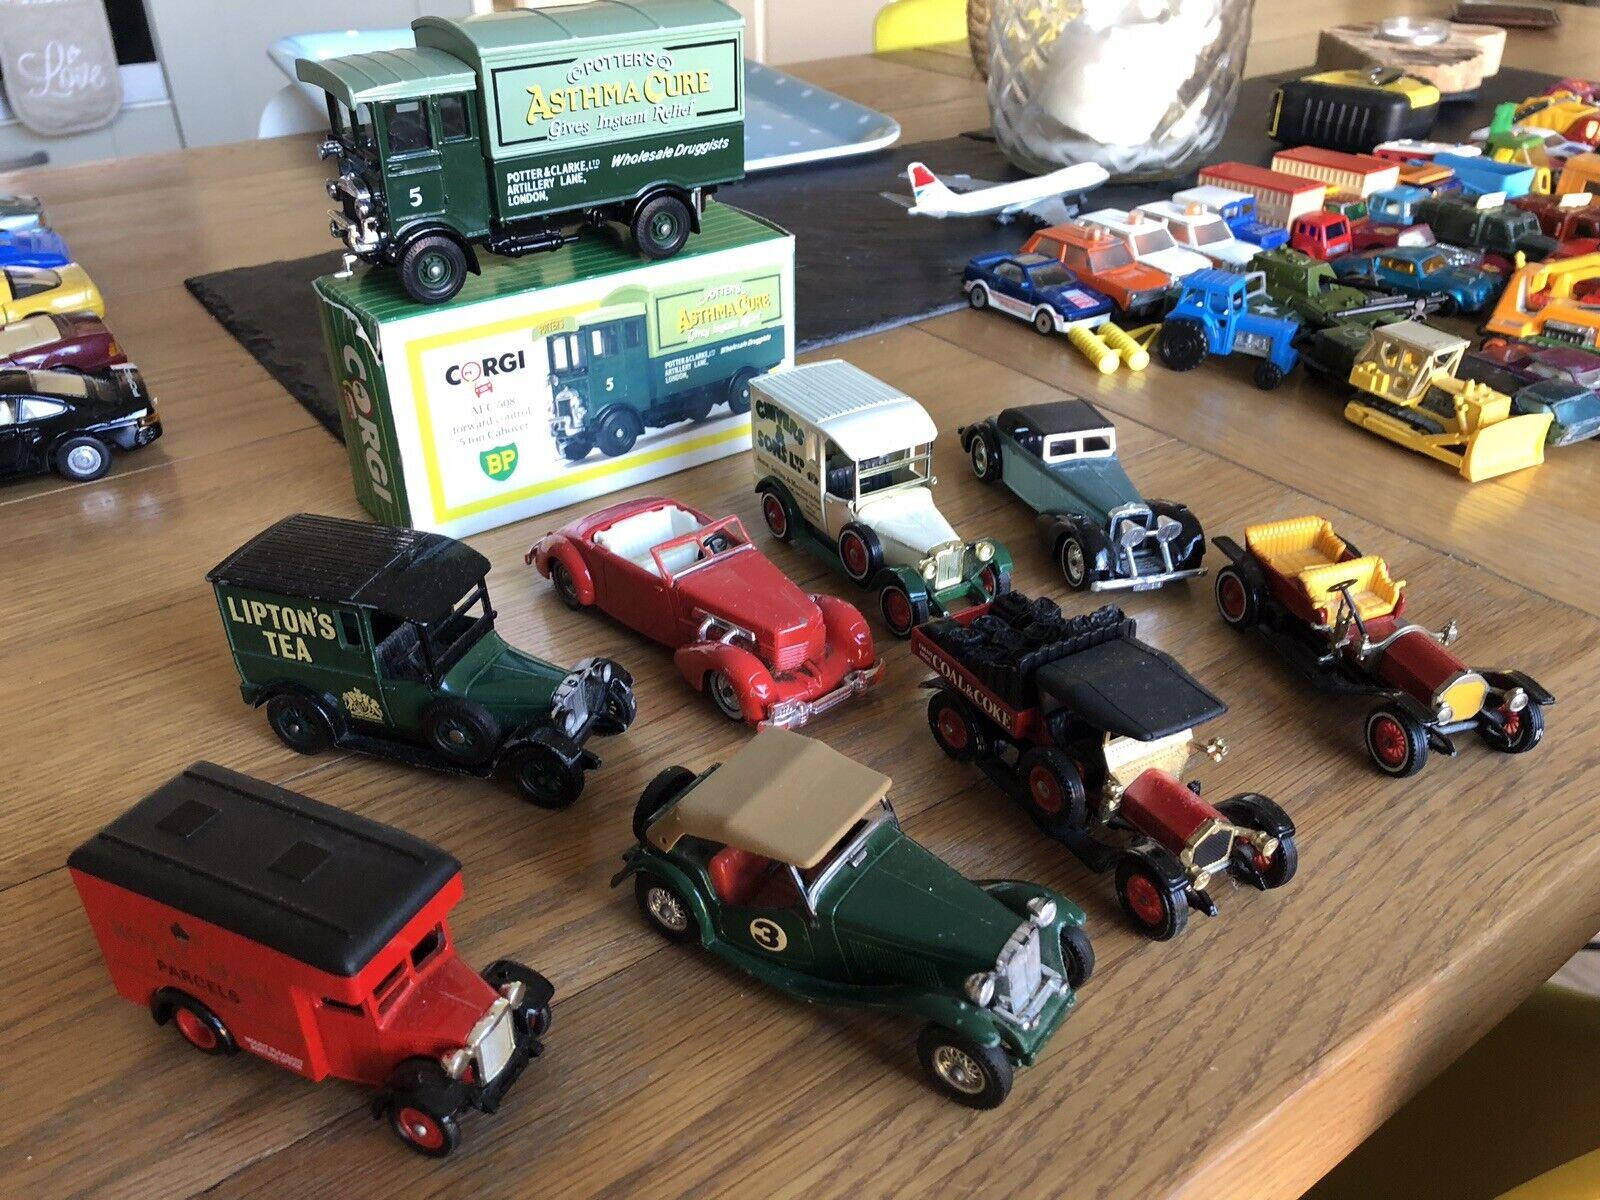 wholesape barato Ruedas Vintage Matchbox de antaño x9 x9 x9 Colección de coche de juguete  tienda